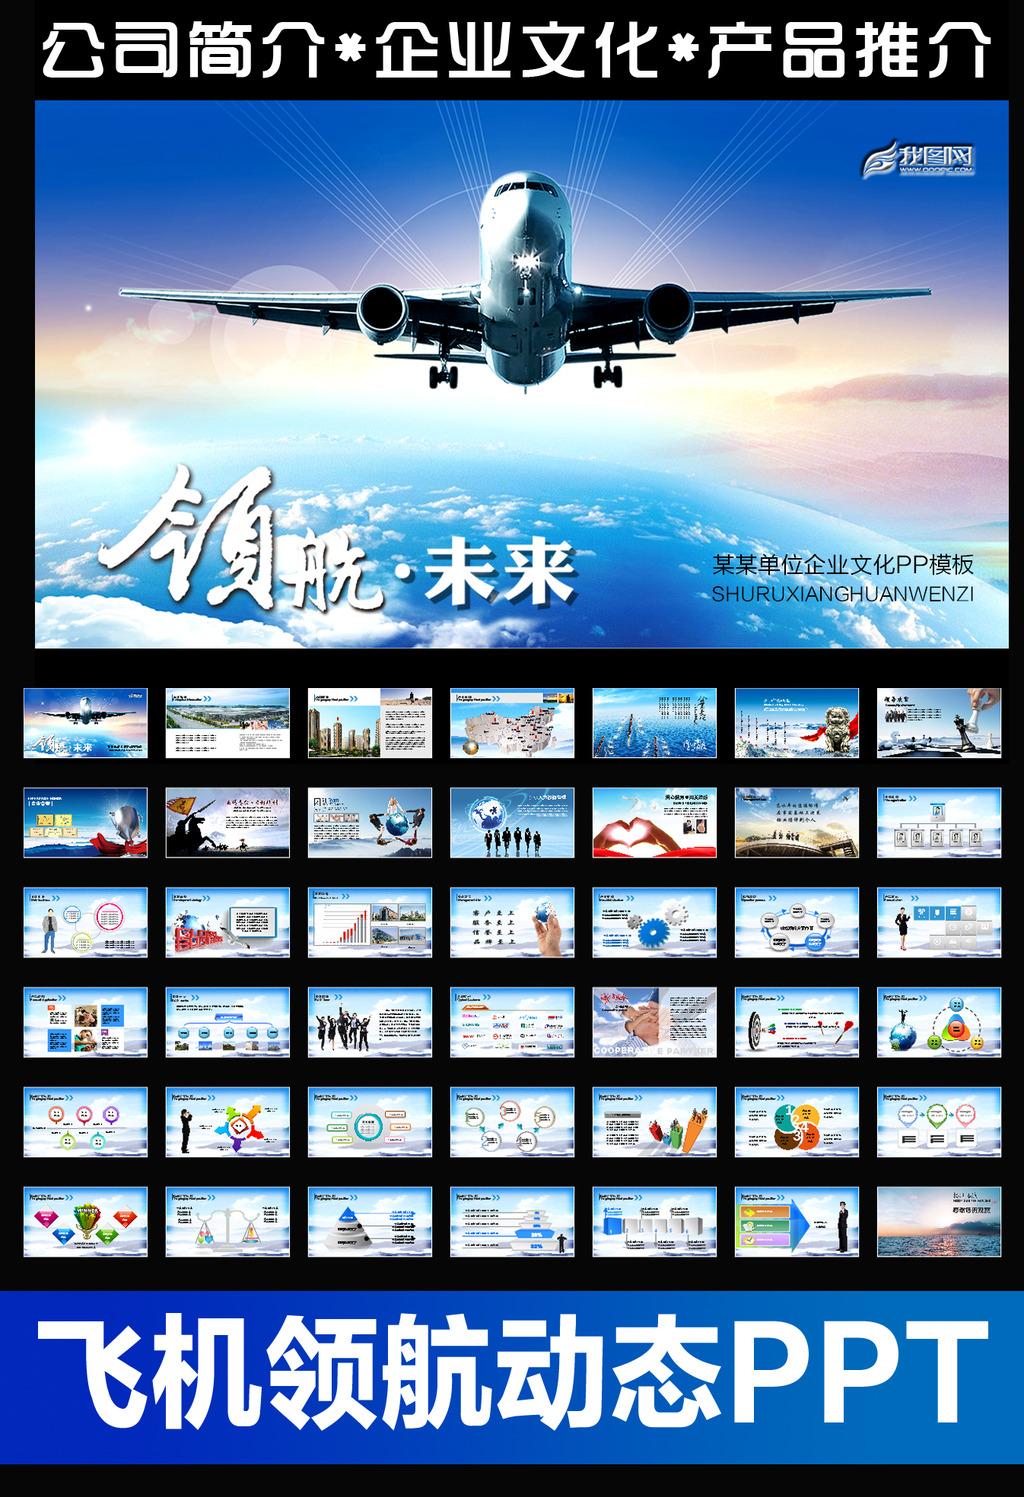 飞机企业文化公司简介宣传动态ppt模板